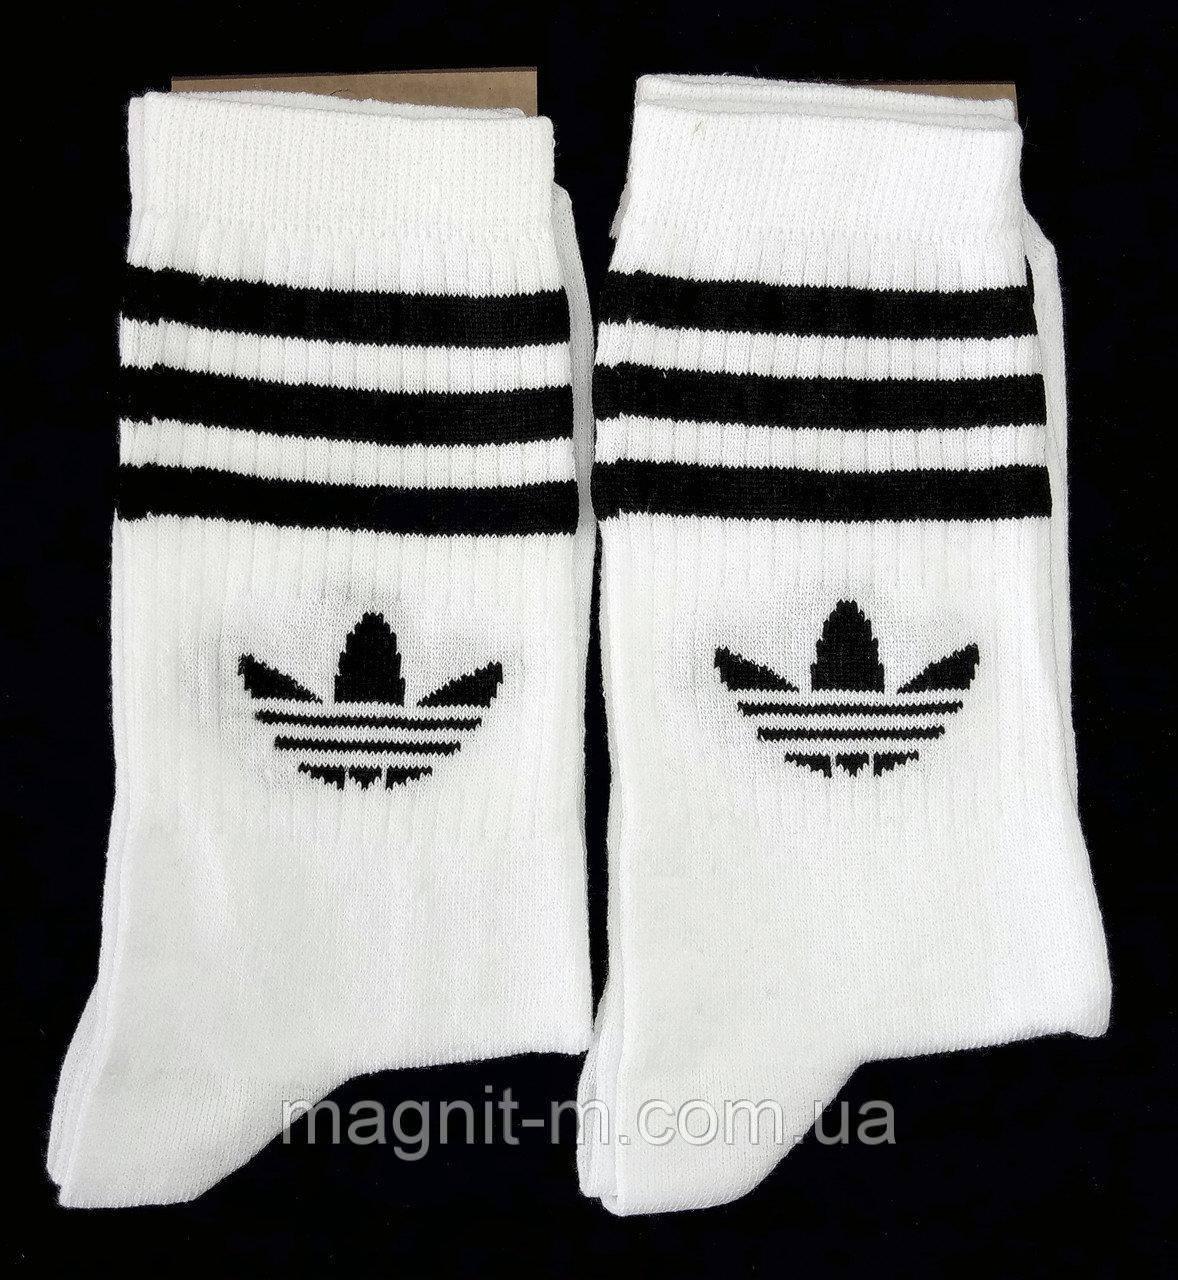 Женские высокие носки белого цвета. Р-р 36-39.